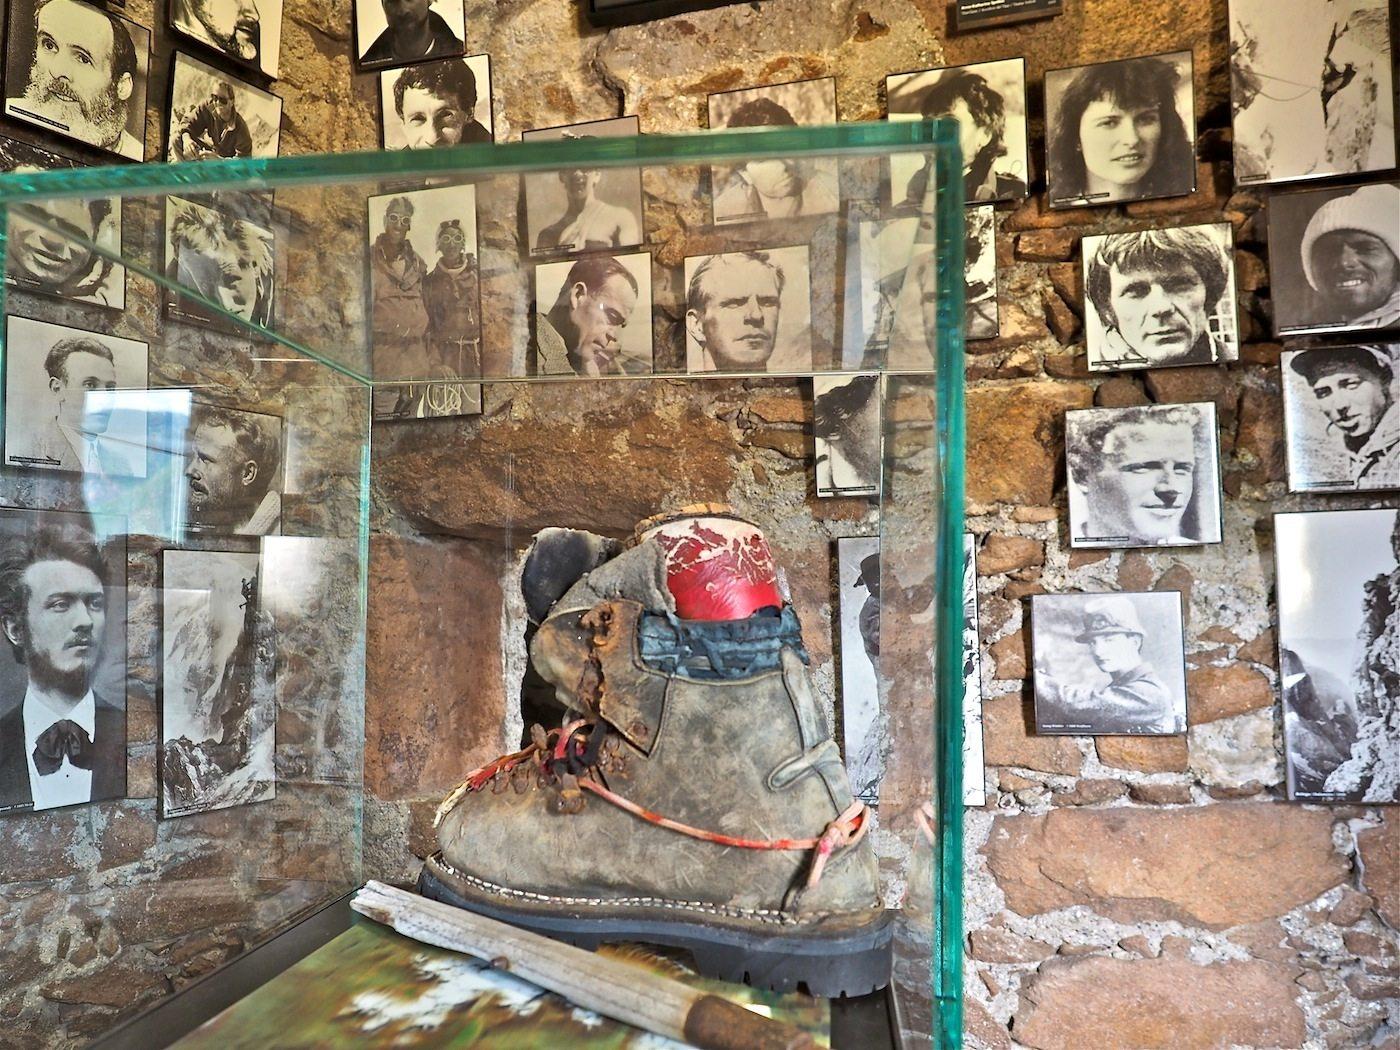 Herzkammer..  Ein schmaler Raum im Rondell West versammelt Bilder berühmter Kletterer, die in den Bergen zu Tode kamen. In ihrer Mitte ein Schuh von Messners Bruder Günther, der auf einer gemeinsamen Expedition am Nanga Parbat sein Leben verlor.